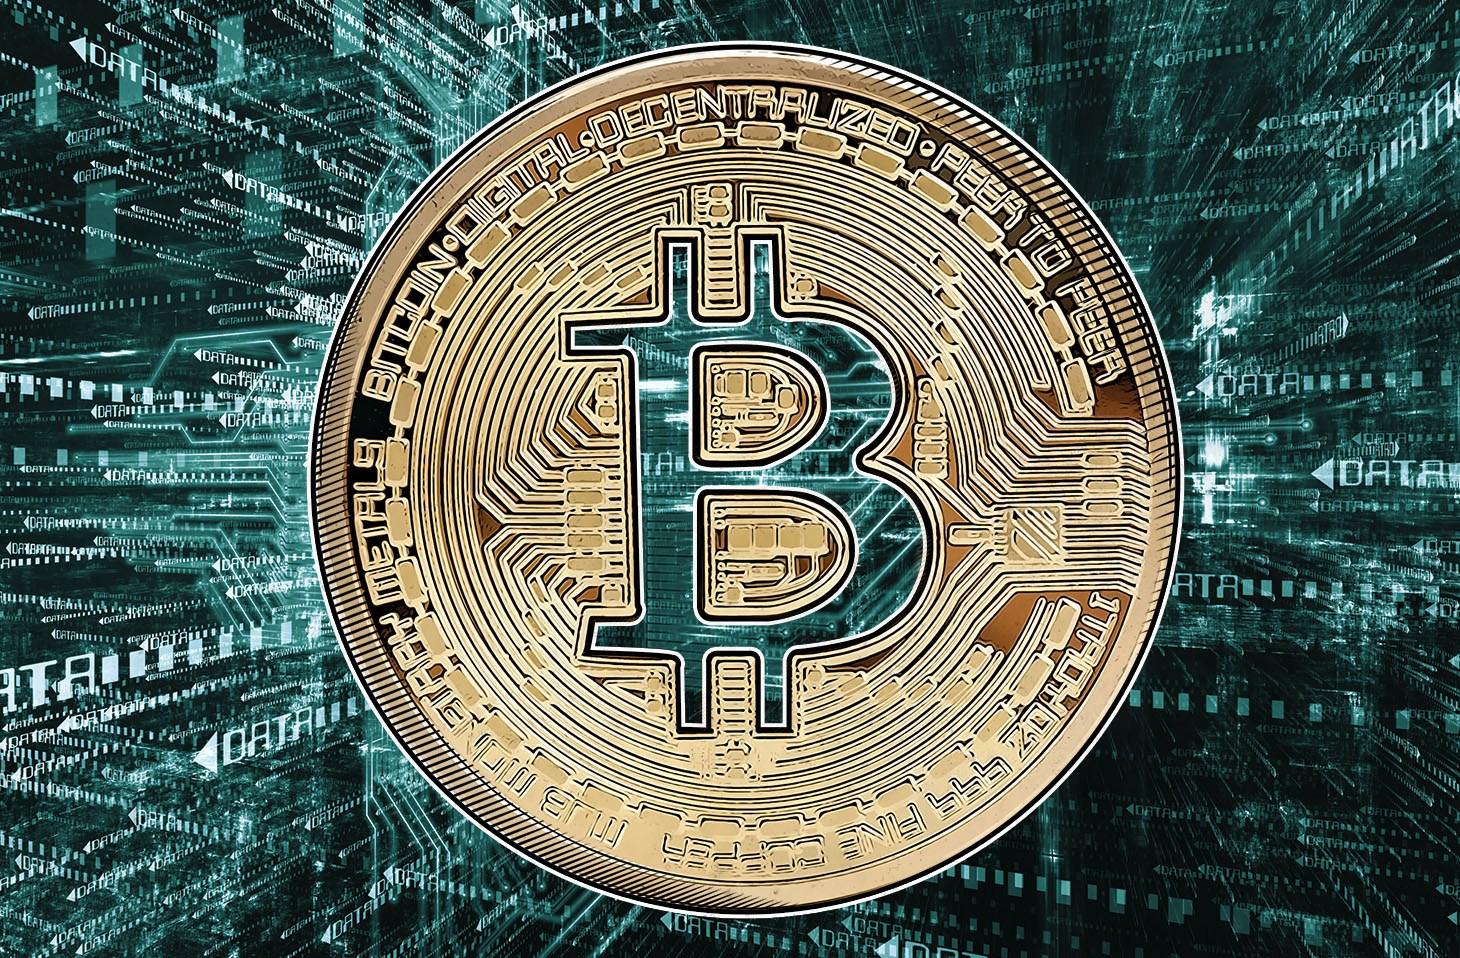 é bitcoin uma coisa boa ou ruim intercambiar memes criptográficos